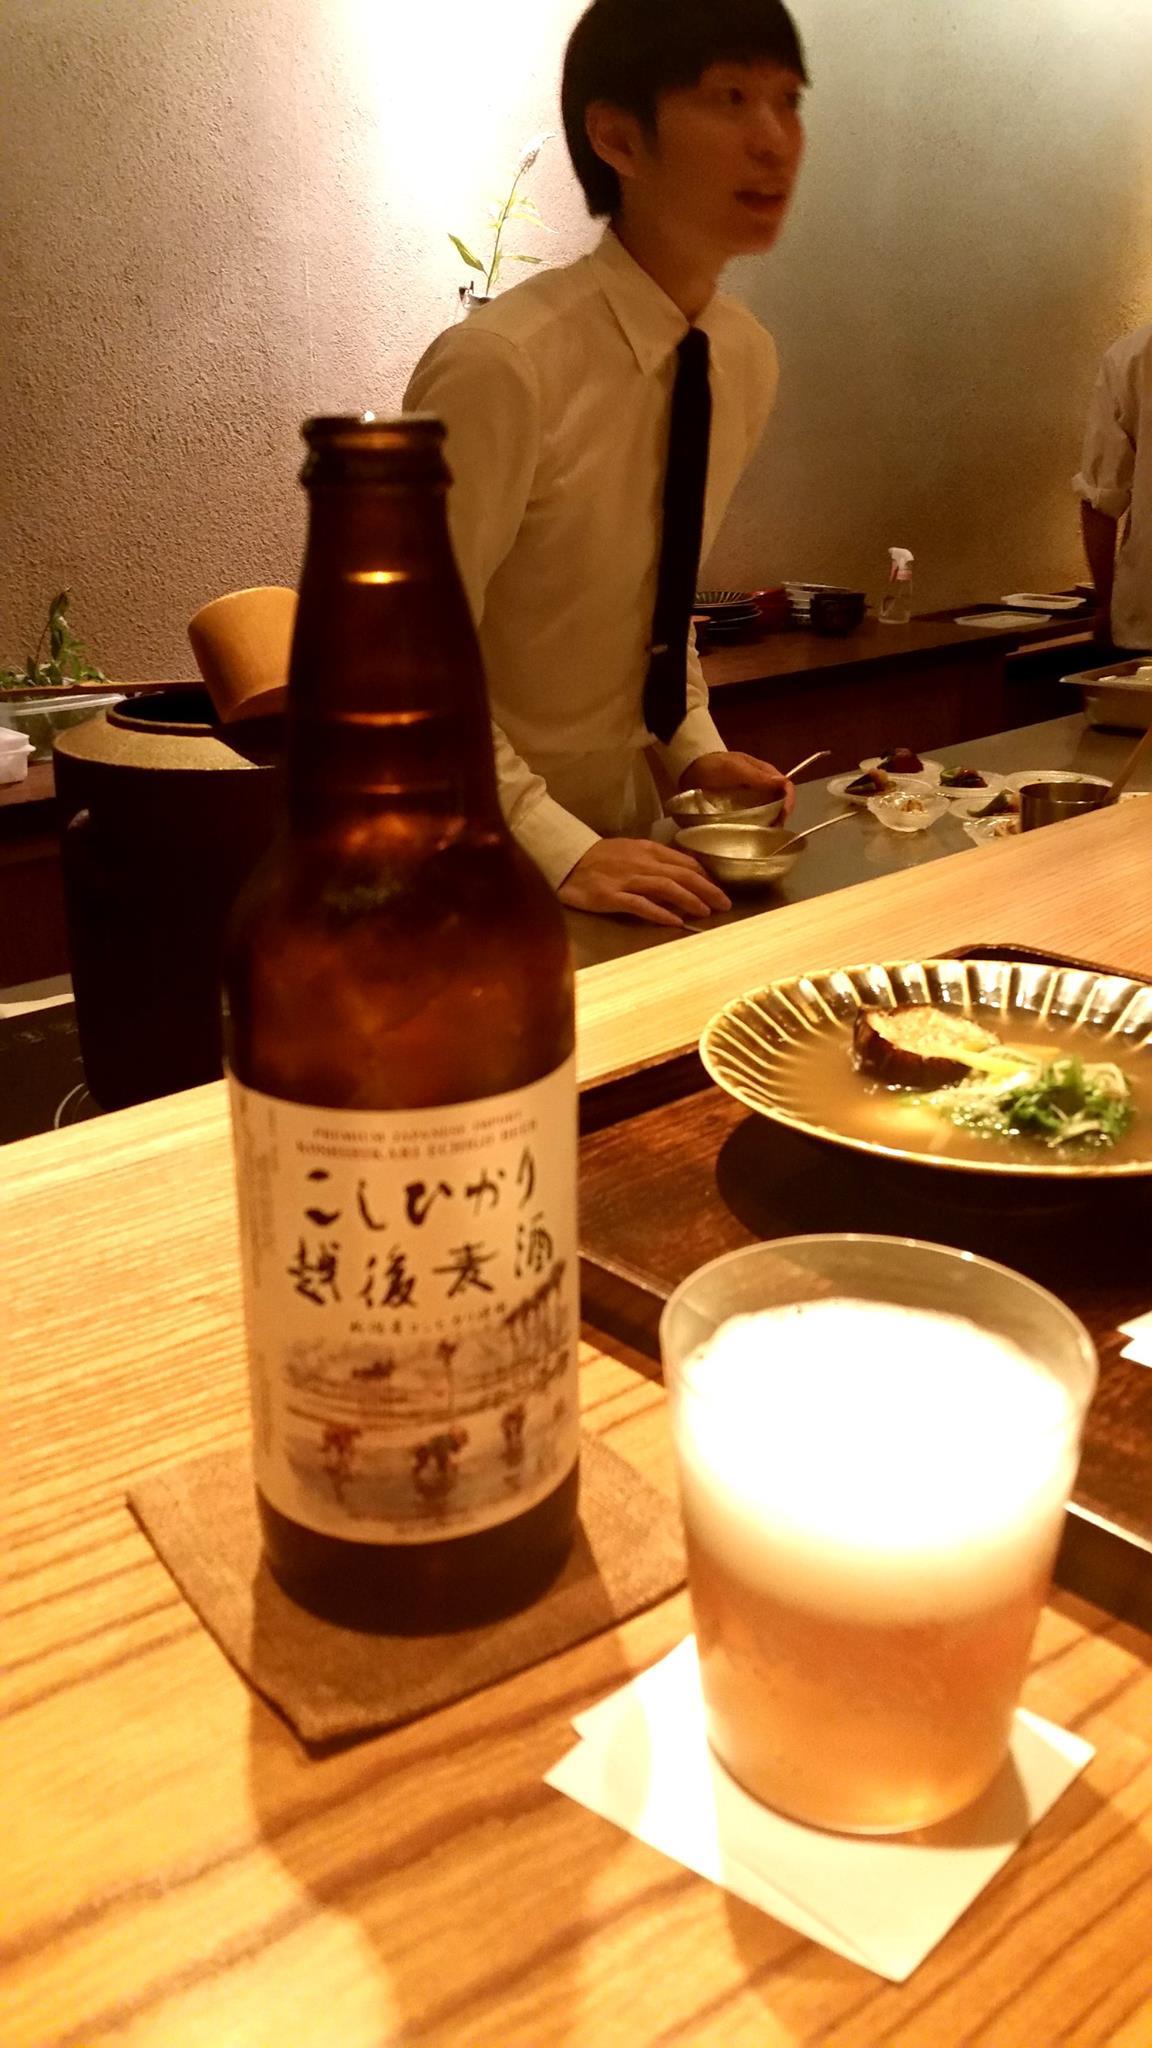 Echigo Koshihikari rice beer